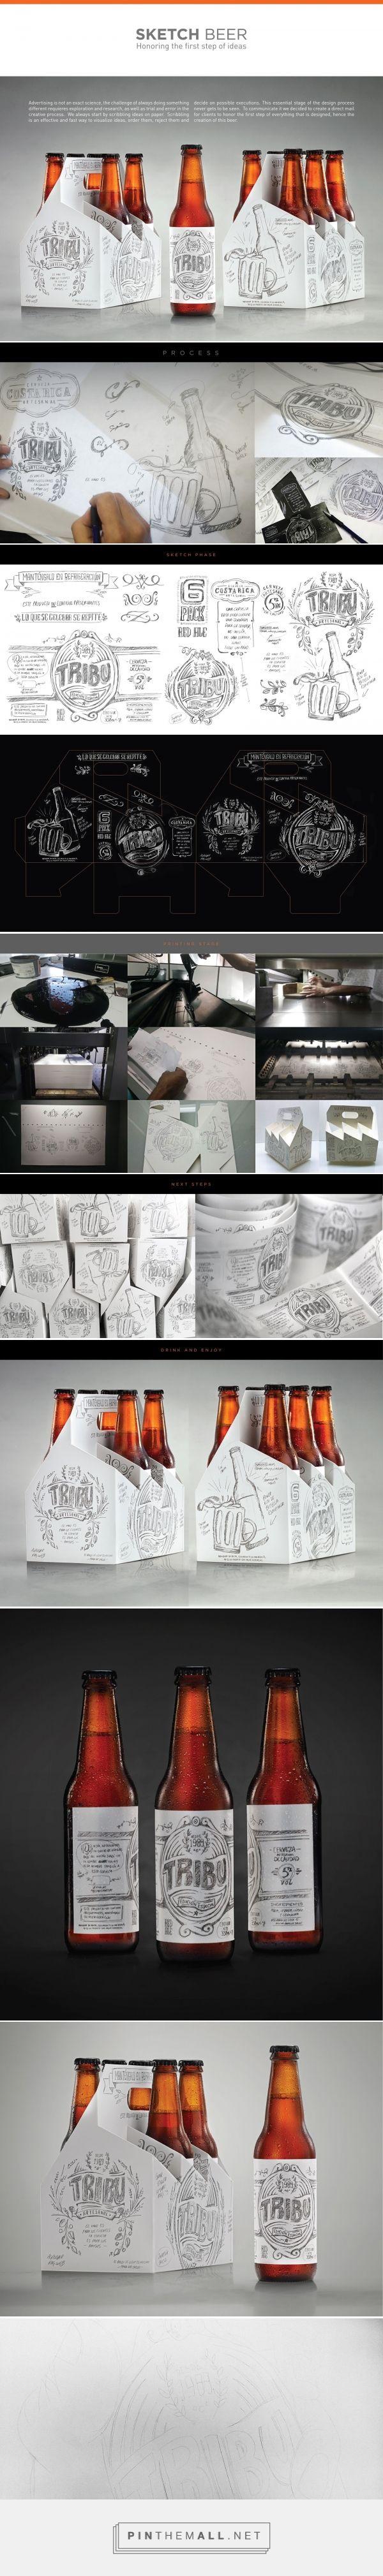 Tribu Sketch Beer packaging design by Tribu DDBº (Costa Rica) - http://www.packagingoftheworld.com/2016/07/tribu-sketch-beer.html